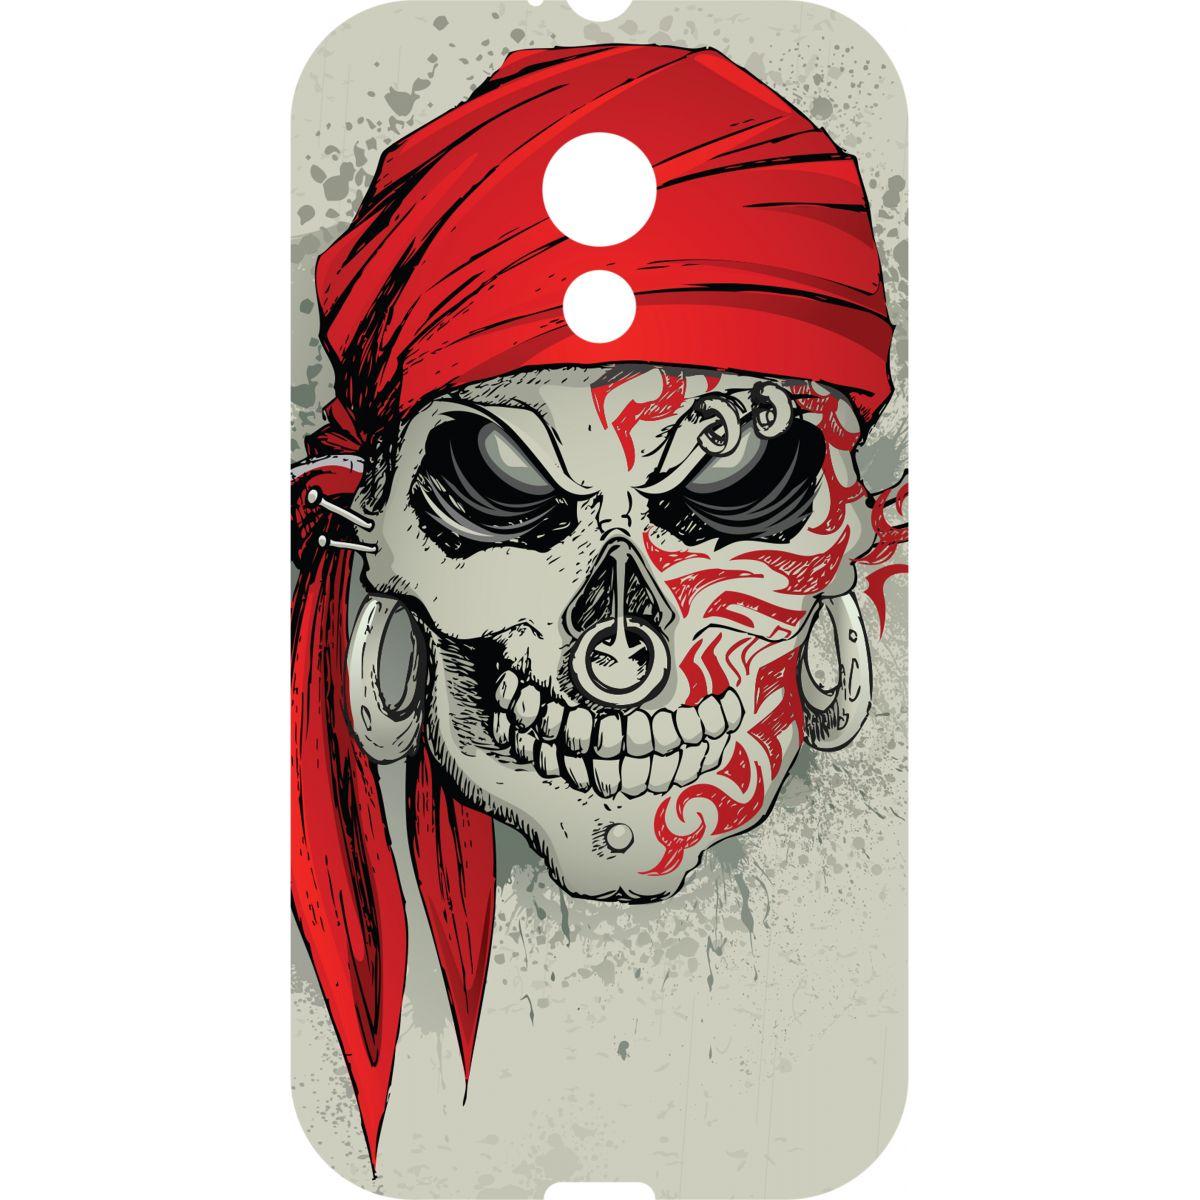 Capa Personalizada para Motorola Moto G2 Xt1069 Xt1068 - MS45